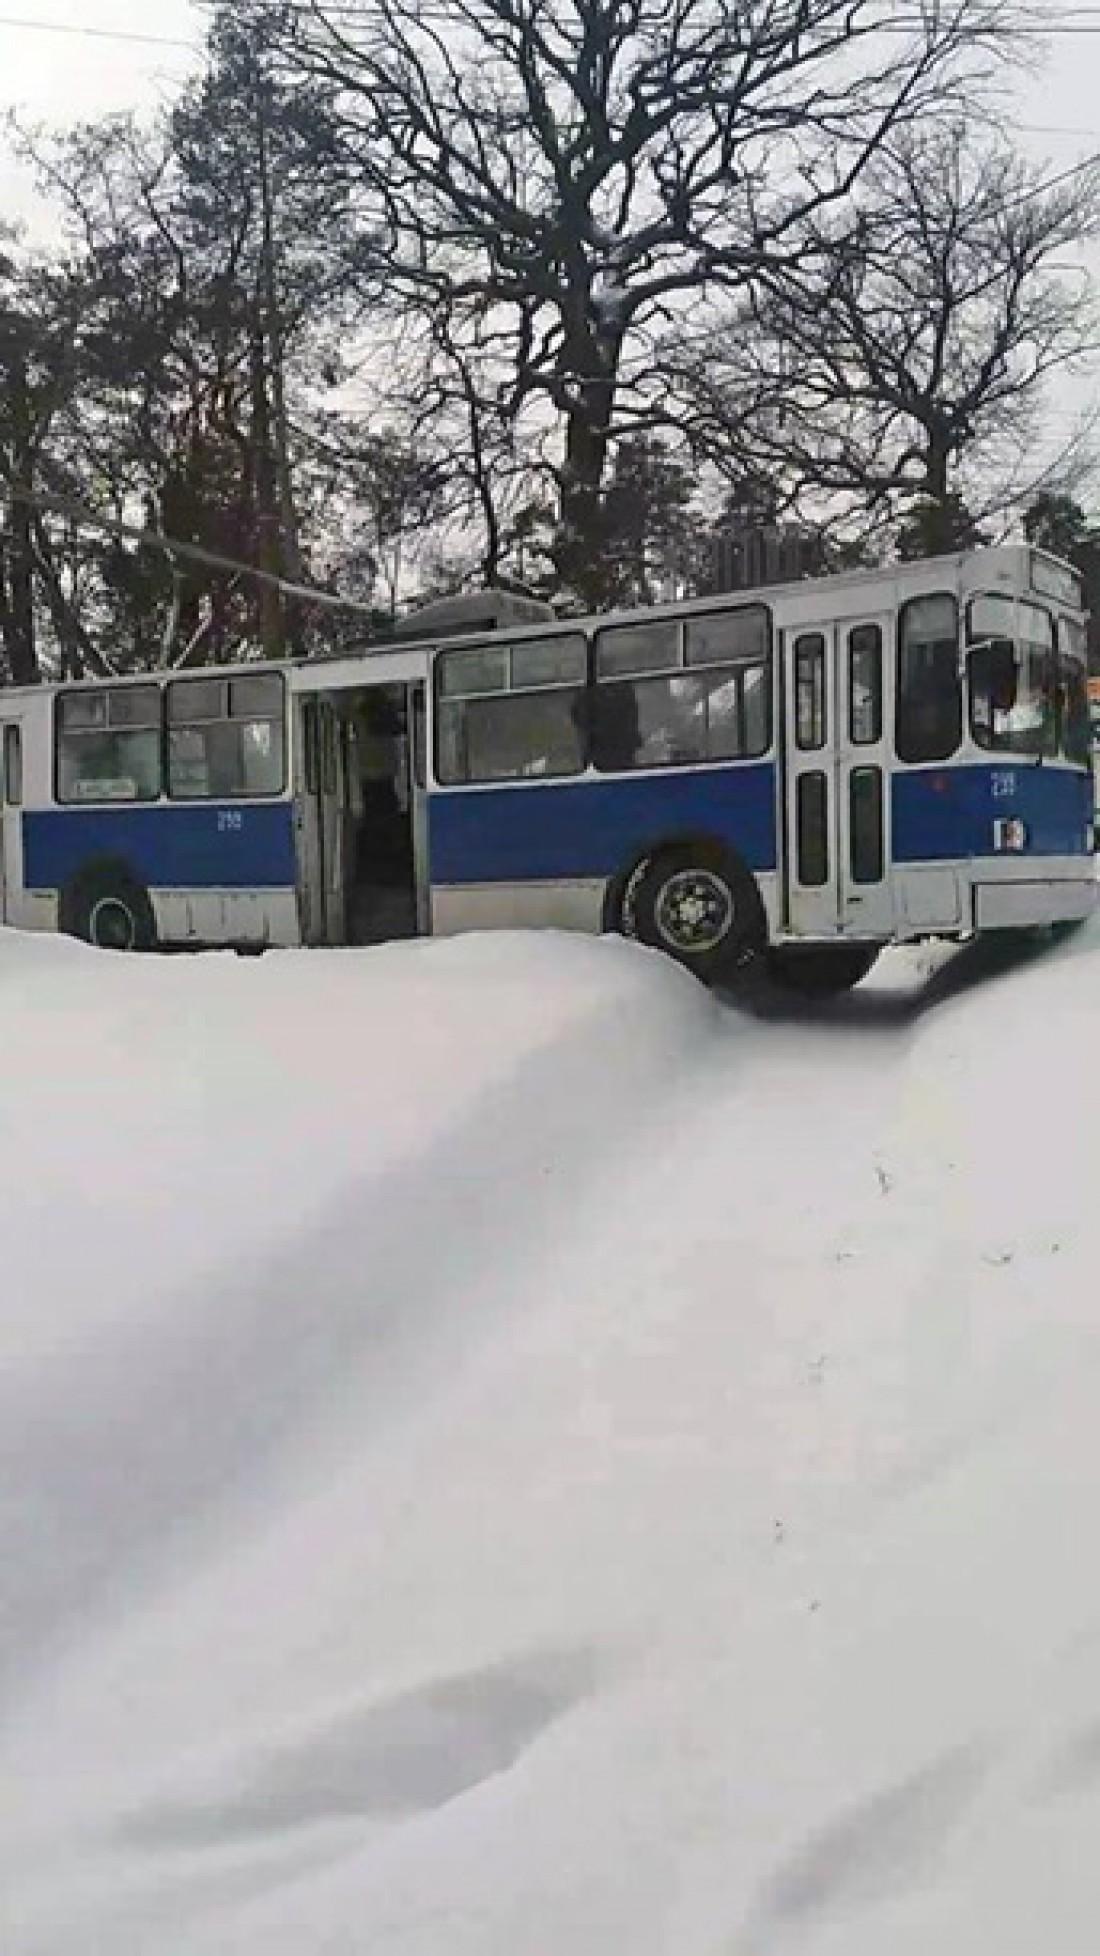 Транспорт не получил серьезных повреждений